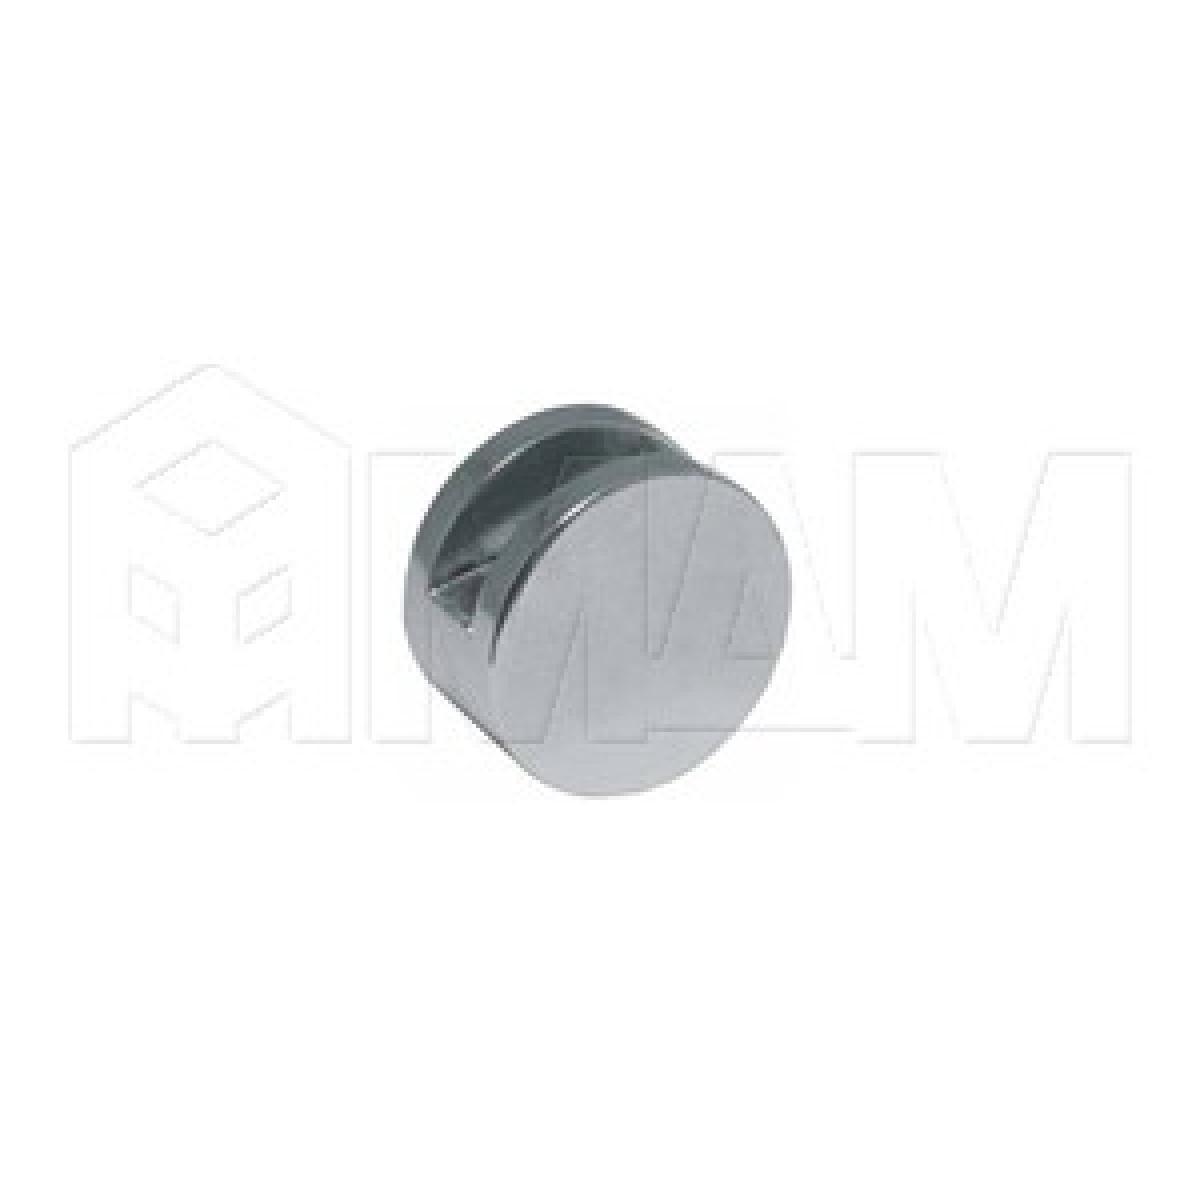 Зеркало- и стеклодержатели - Крепление зеркала 6-8 мм к стене, D22, хром